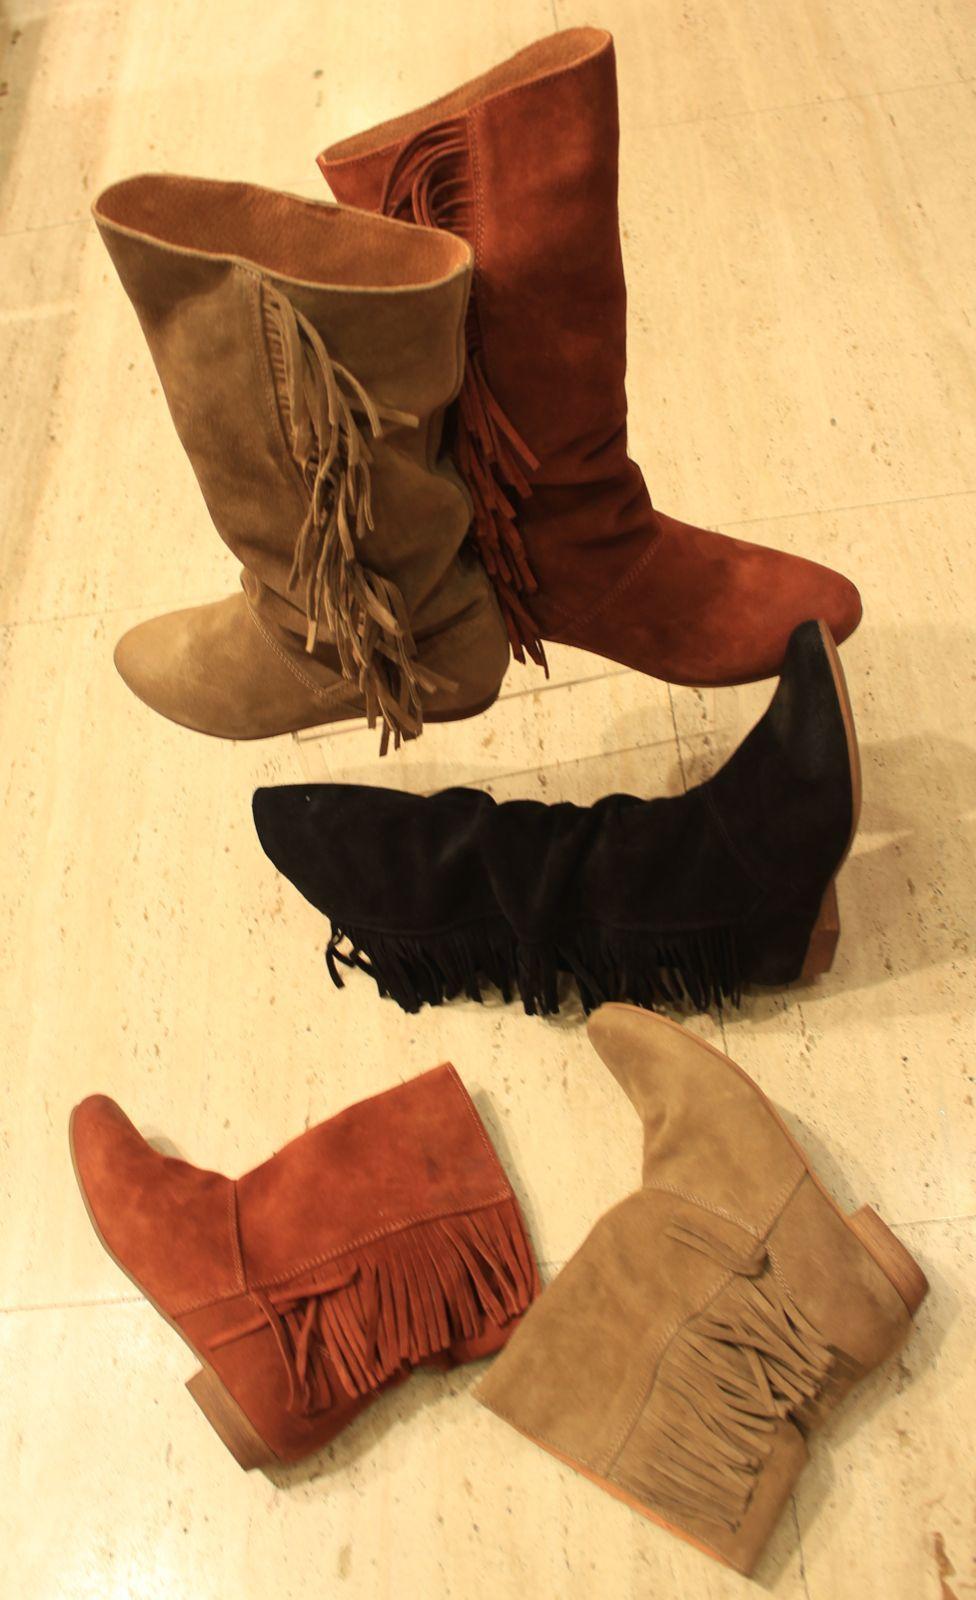 438af4f203296 Calzados NIZA y ZAS Shoes  Botas de serraje y colores tierra ...